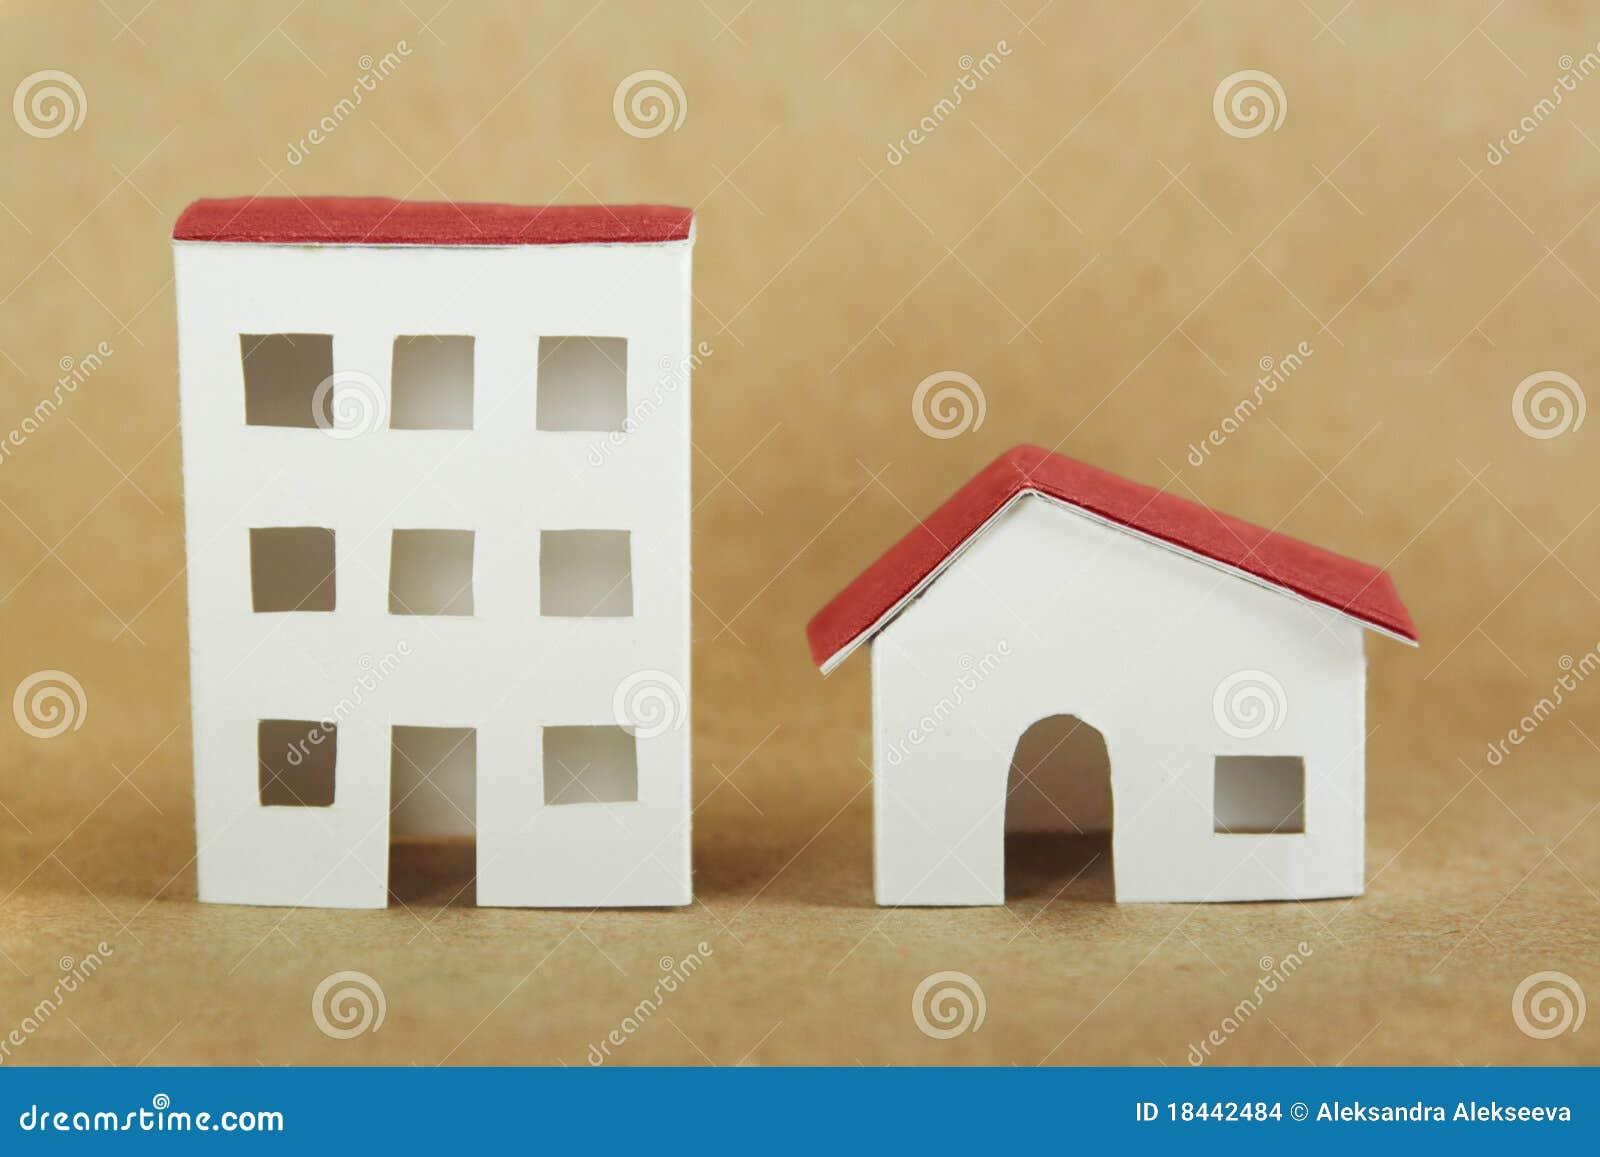 Мастерим домик из бумаги своими руками